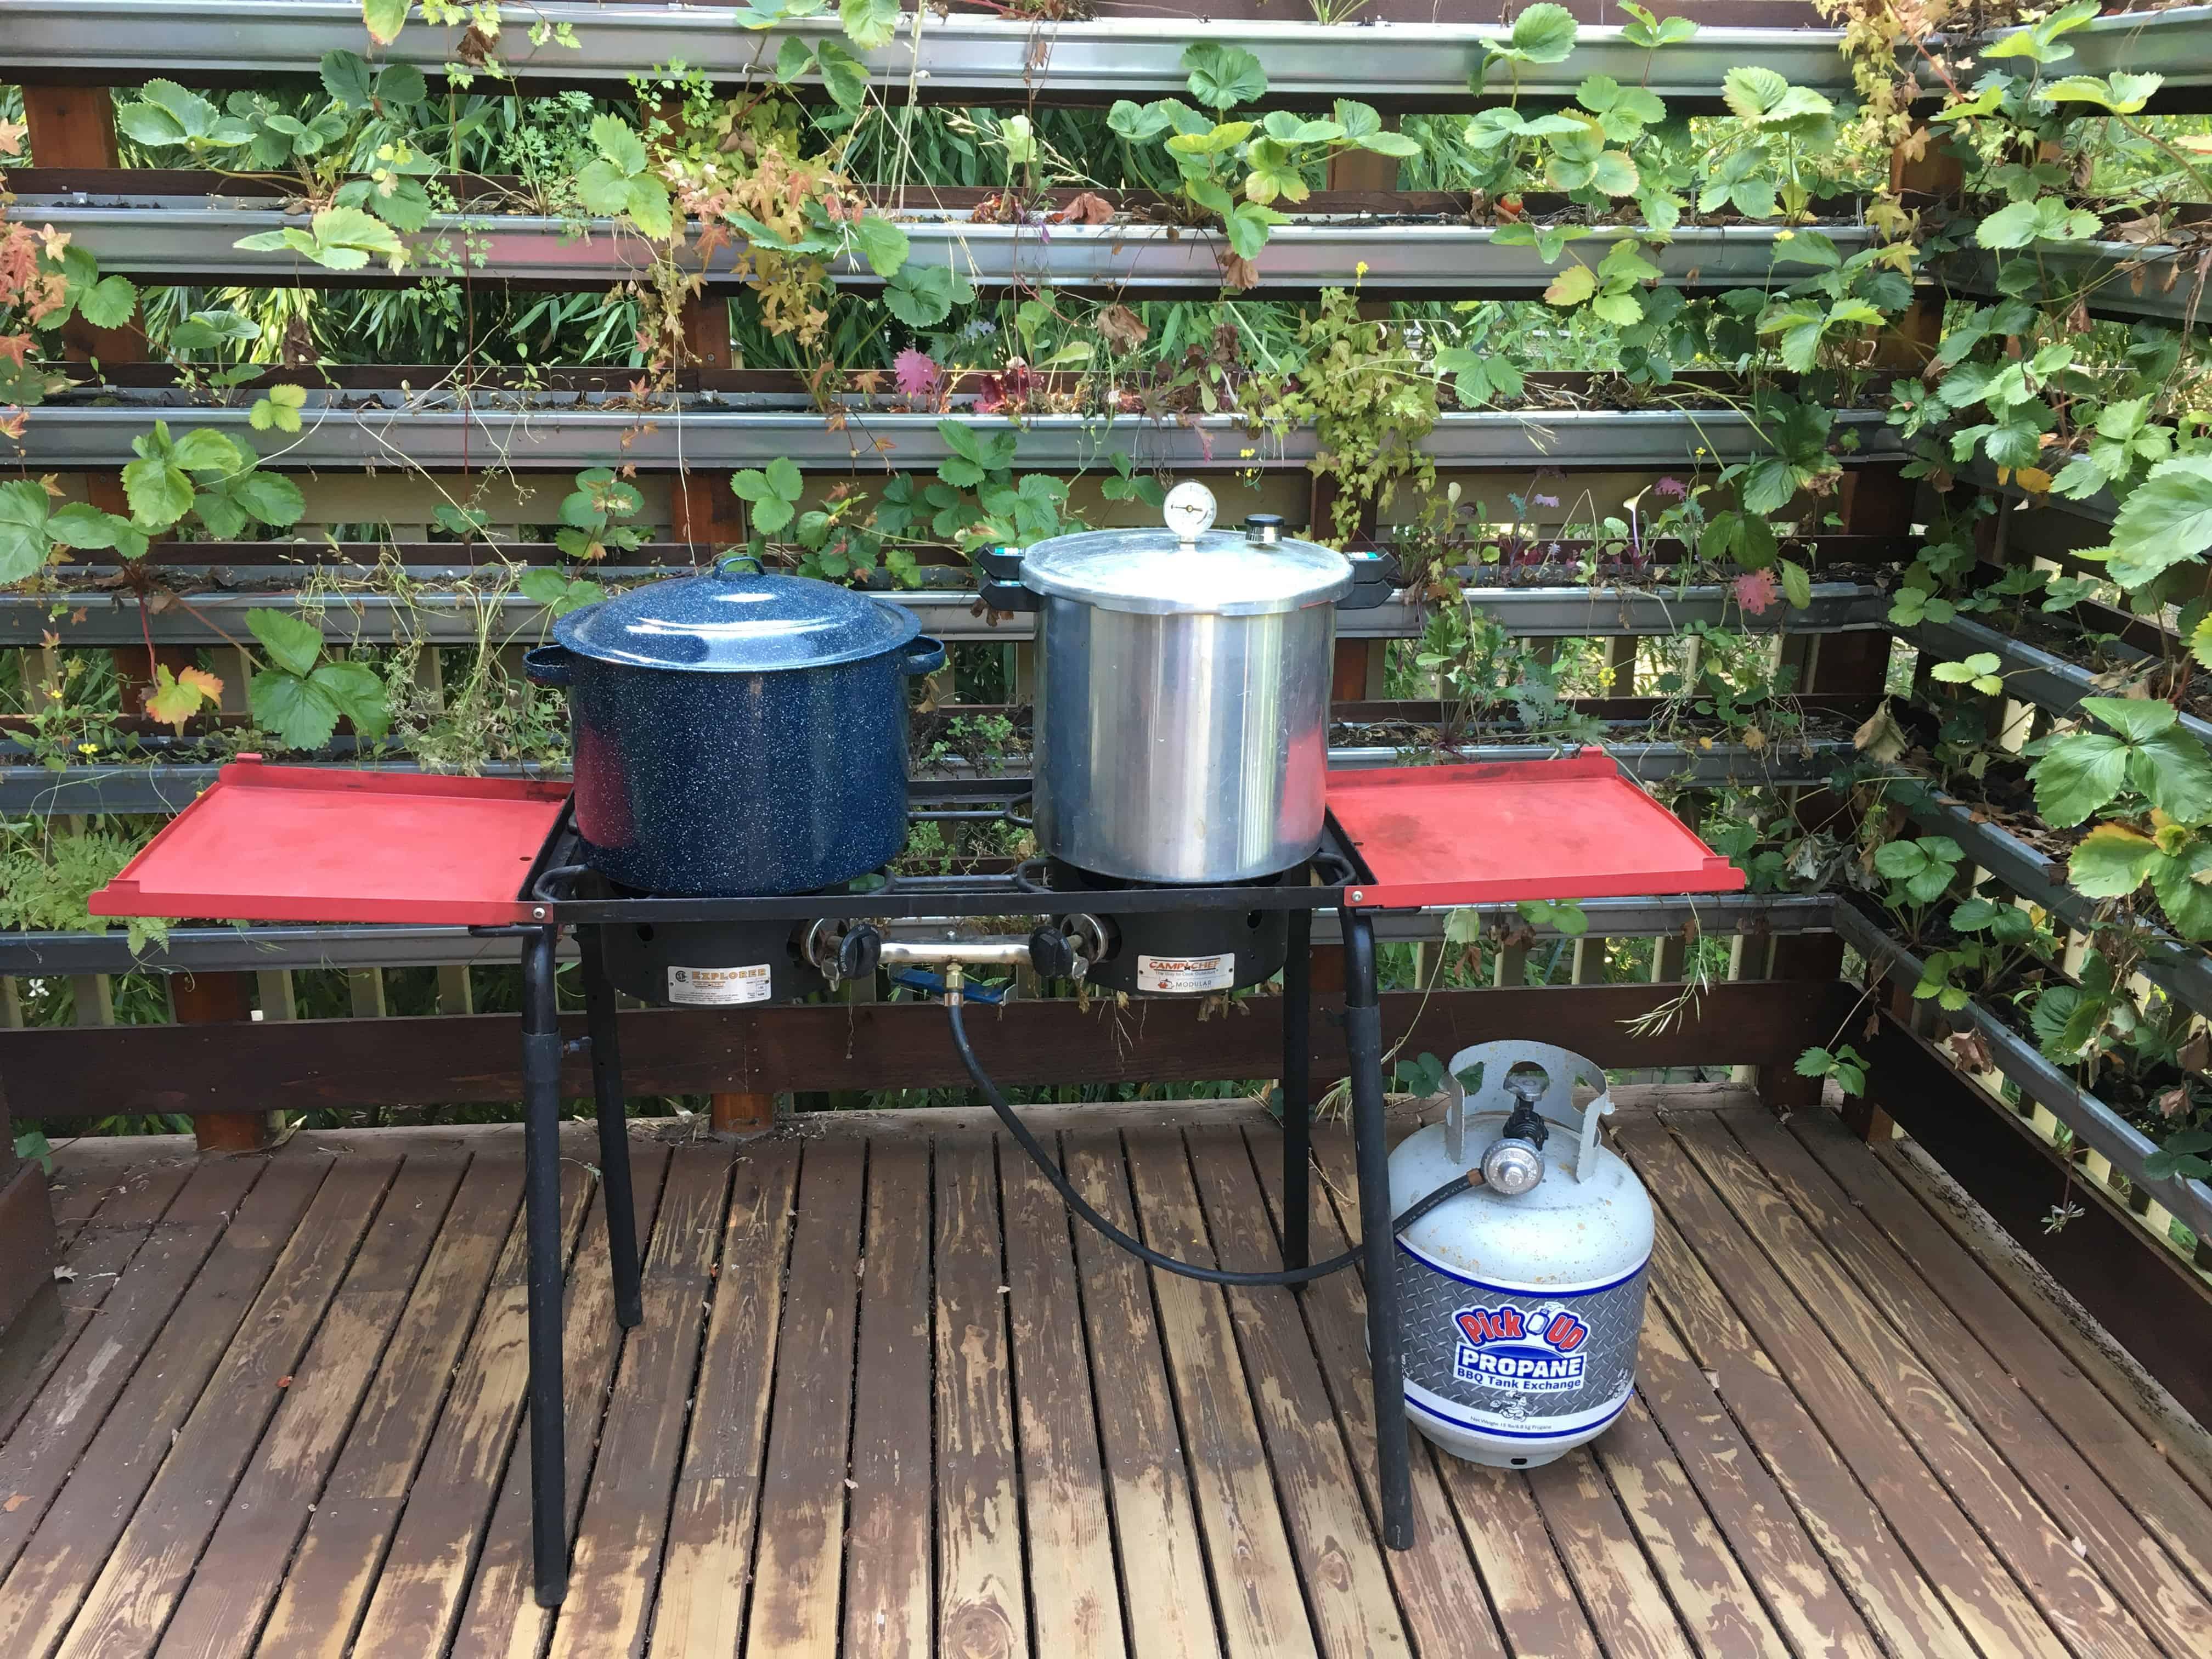 Home canning setup. https://trimazing.com